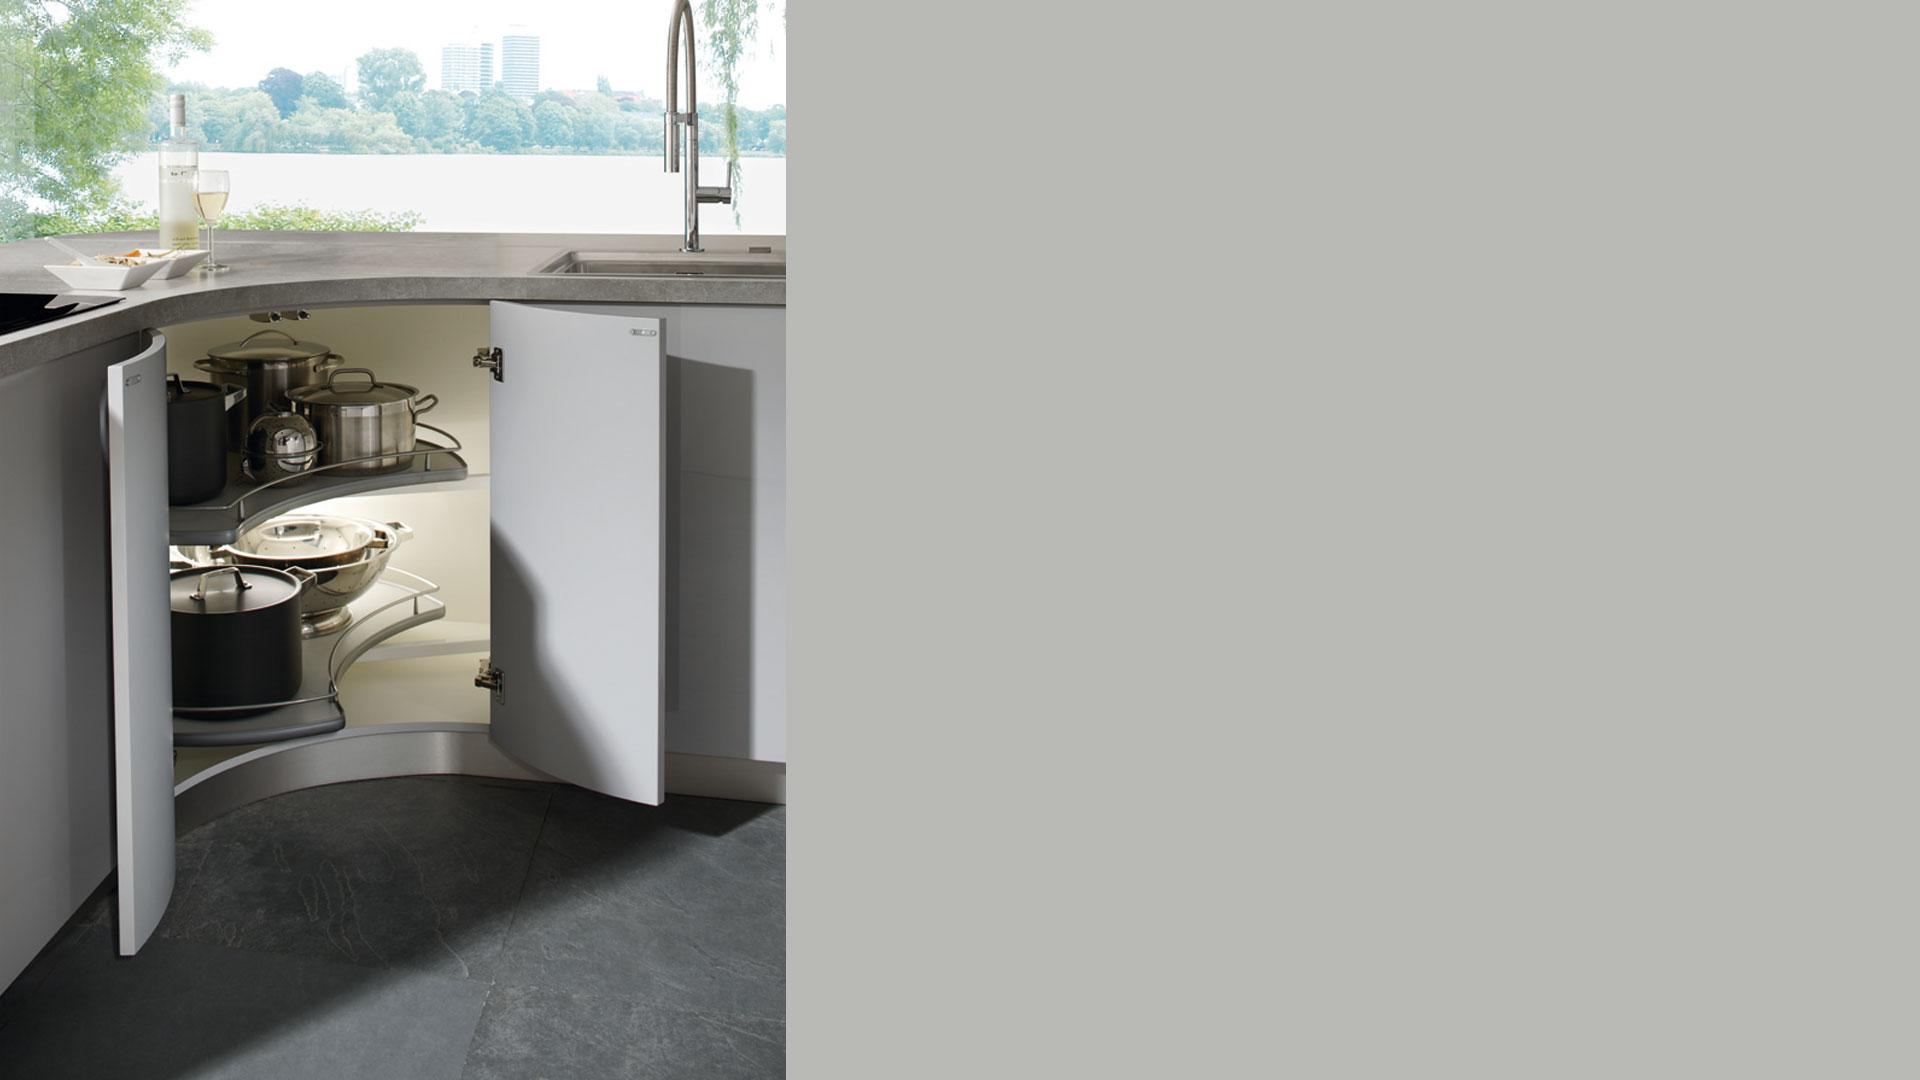 Küchen Flensburg schüller gala in flensburg m t einrichtungszentrum